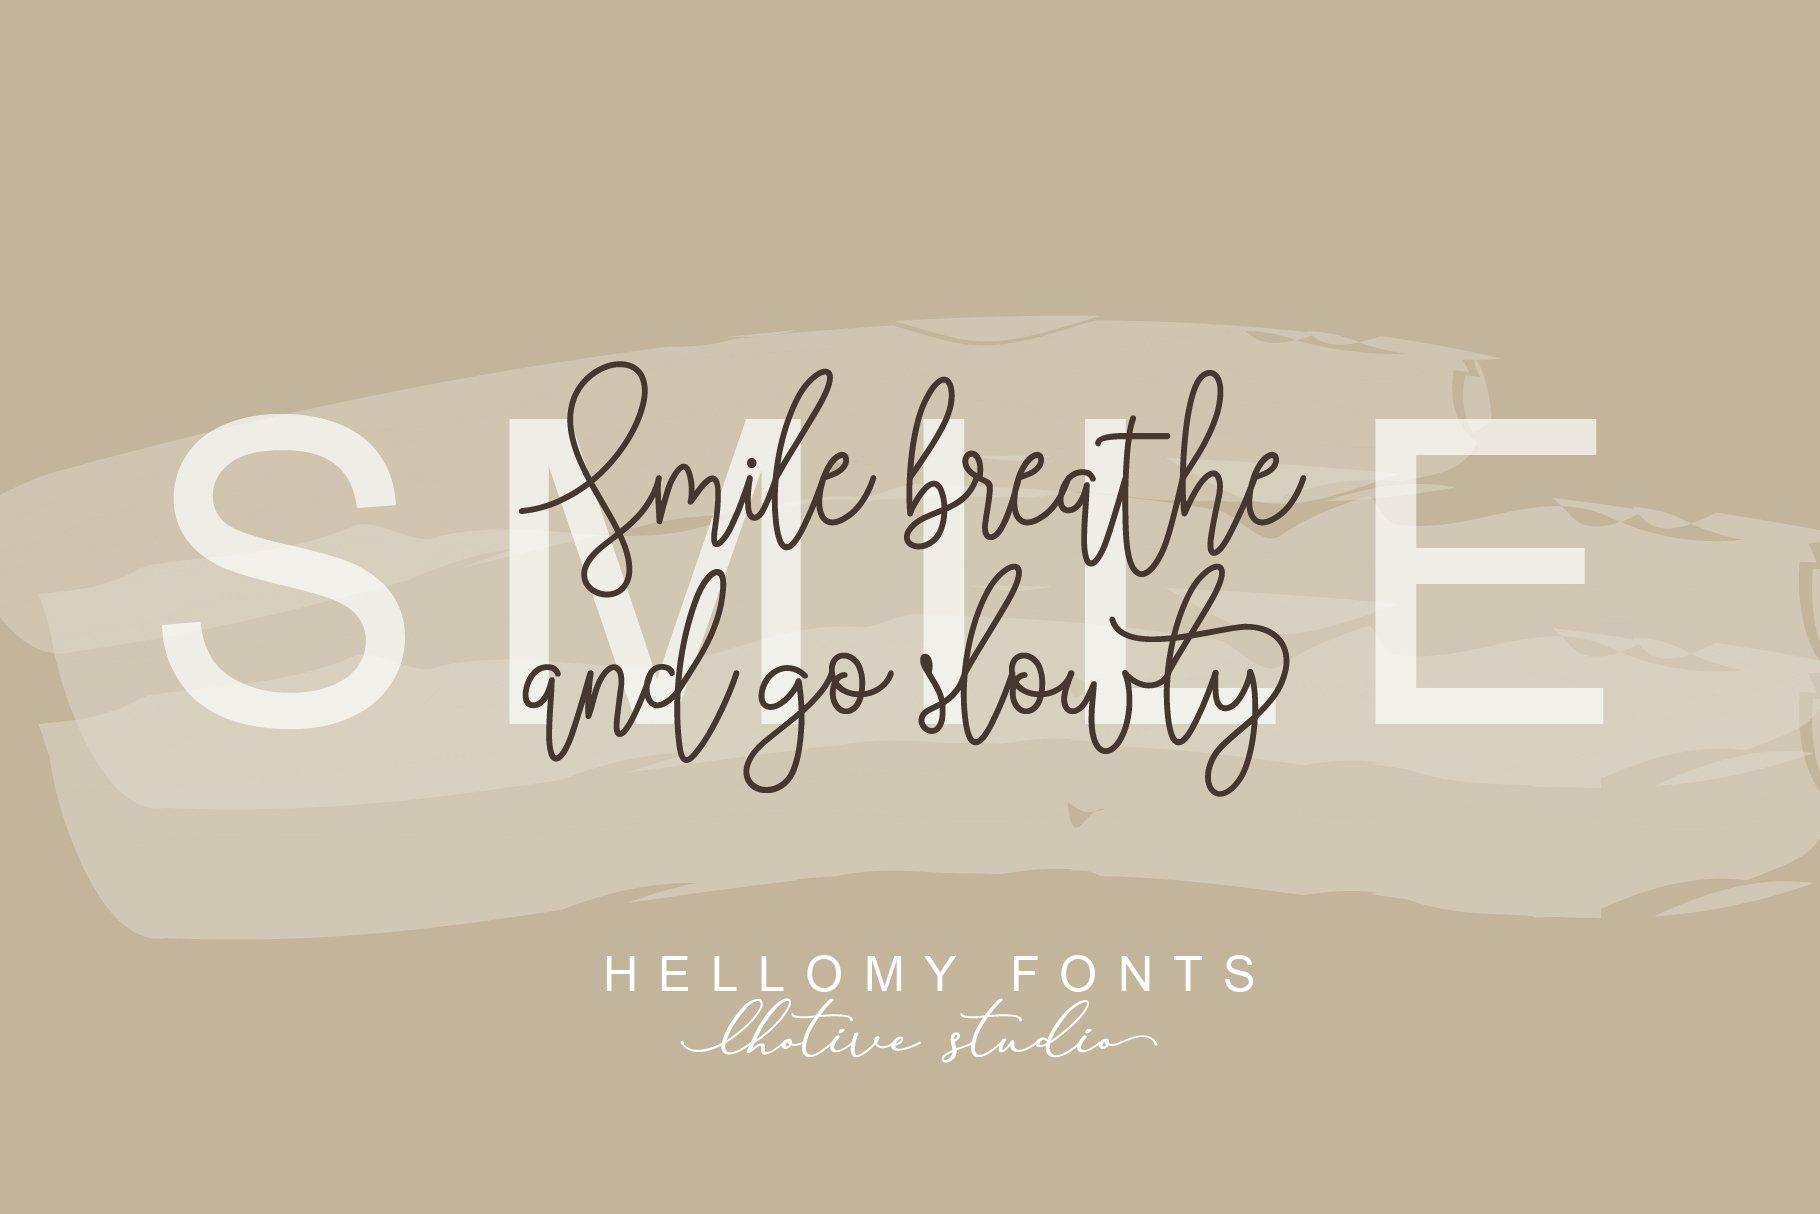 Hellomy Monoline Script example image 5